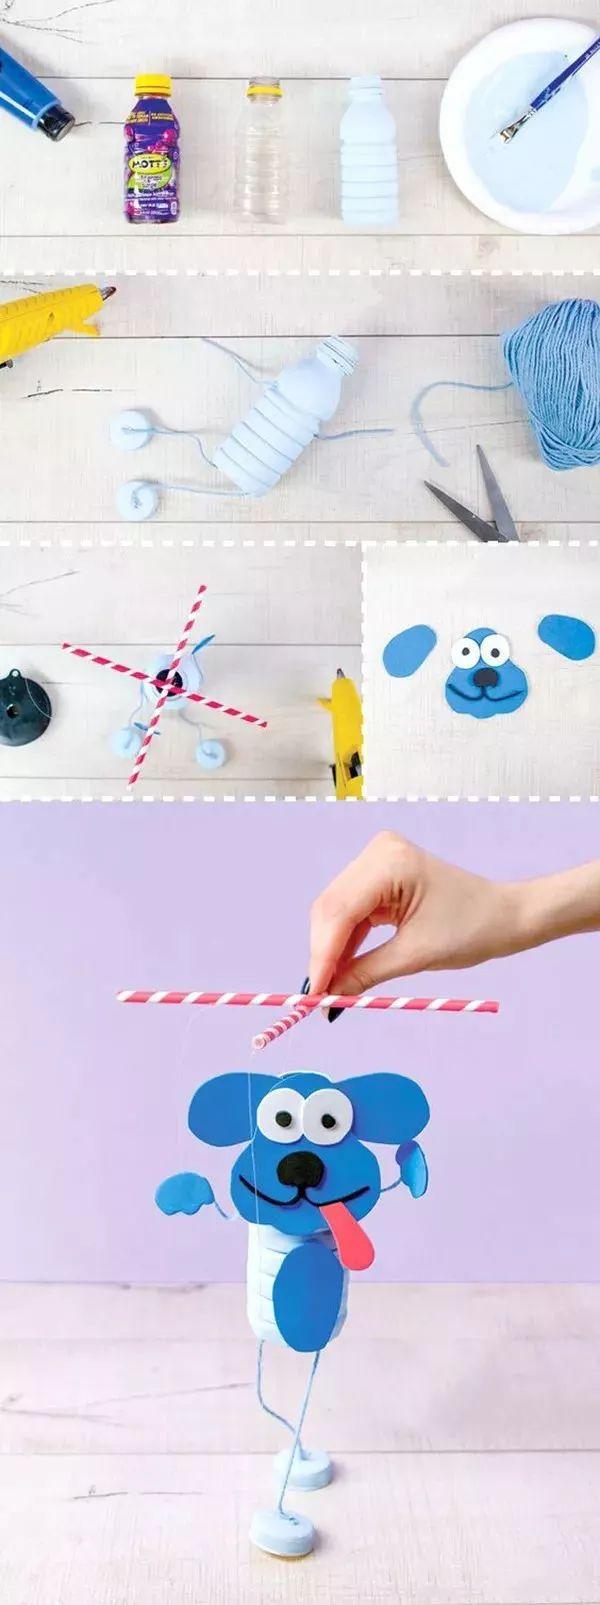 【创意手工】自制提线小玩偶,打开创意艺术启蒙新世界